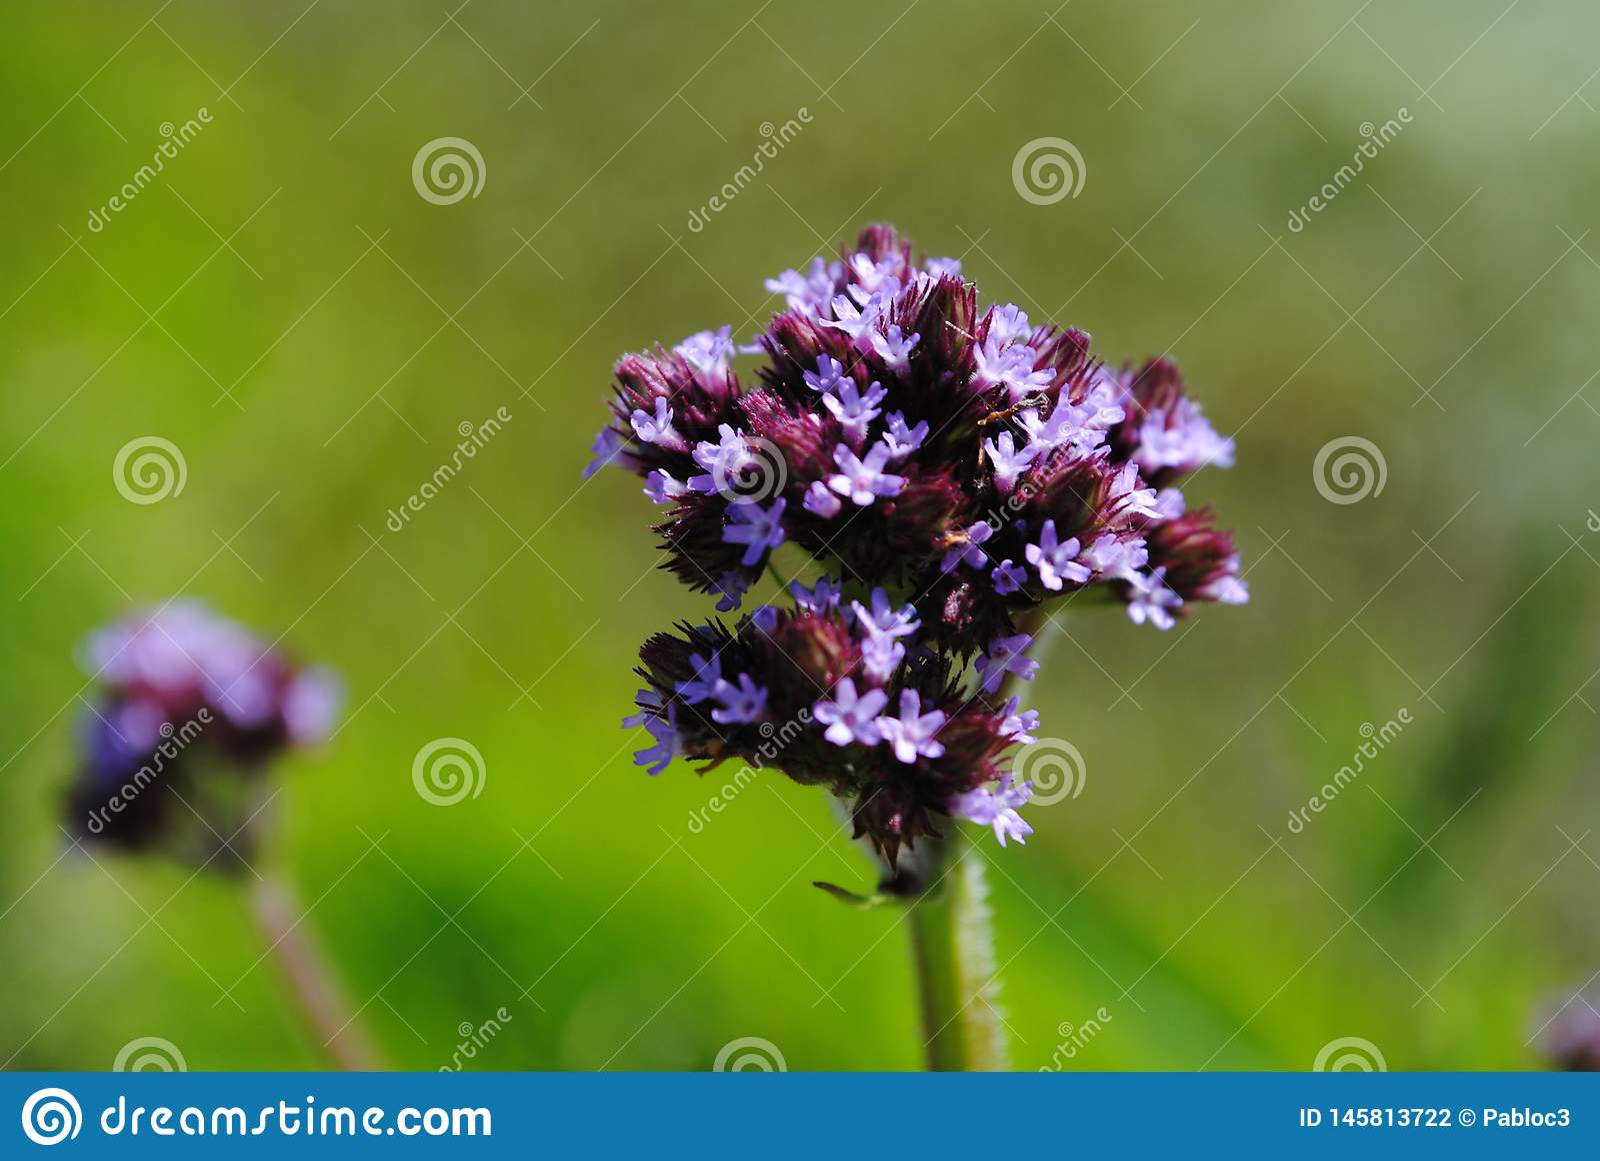 Mazzo di fiori porpora sul gambo lungo